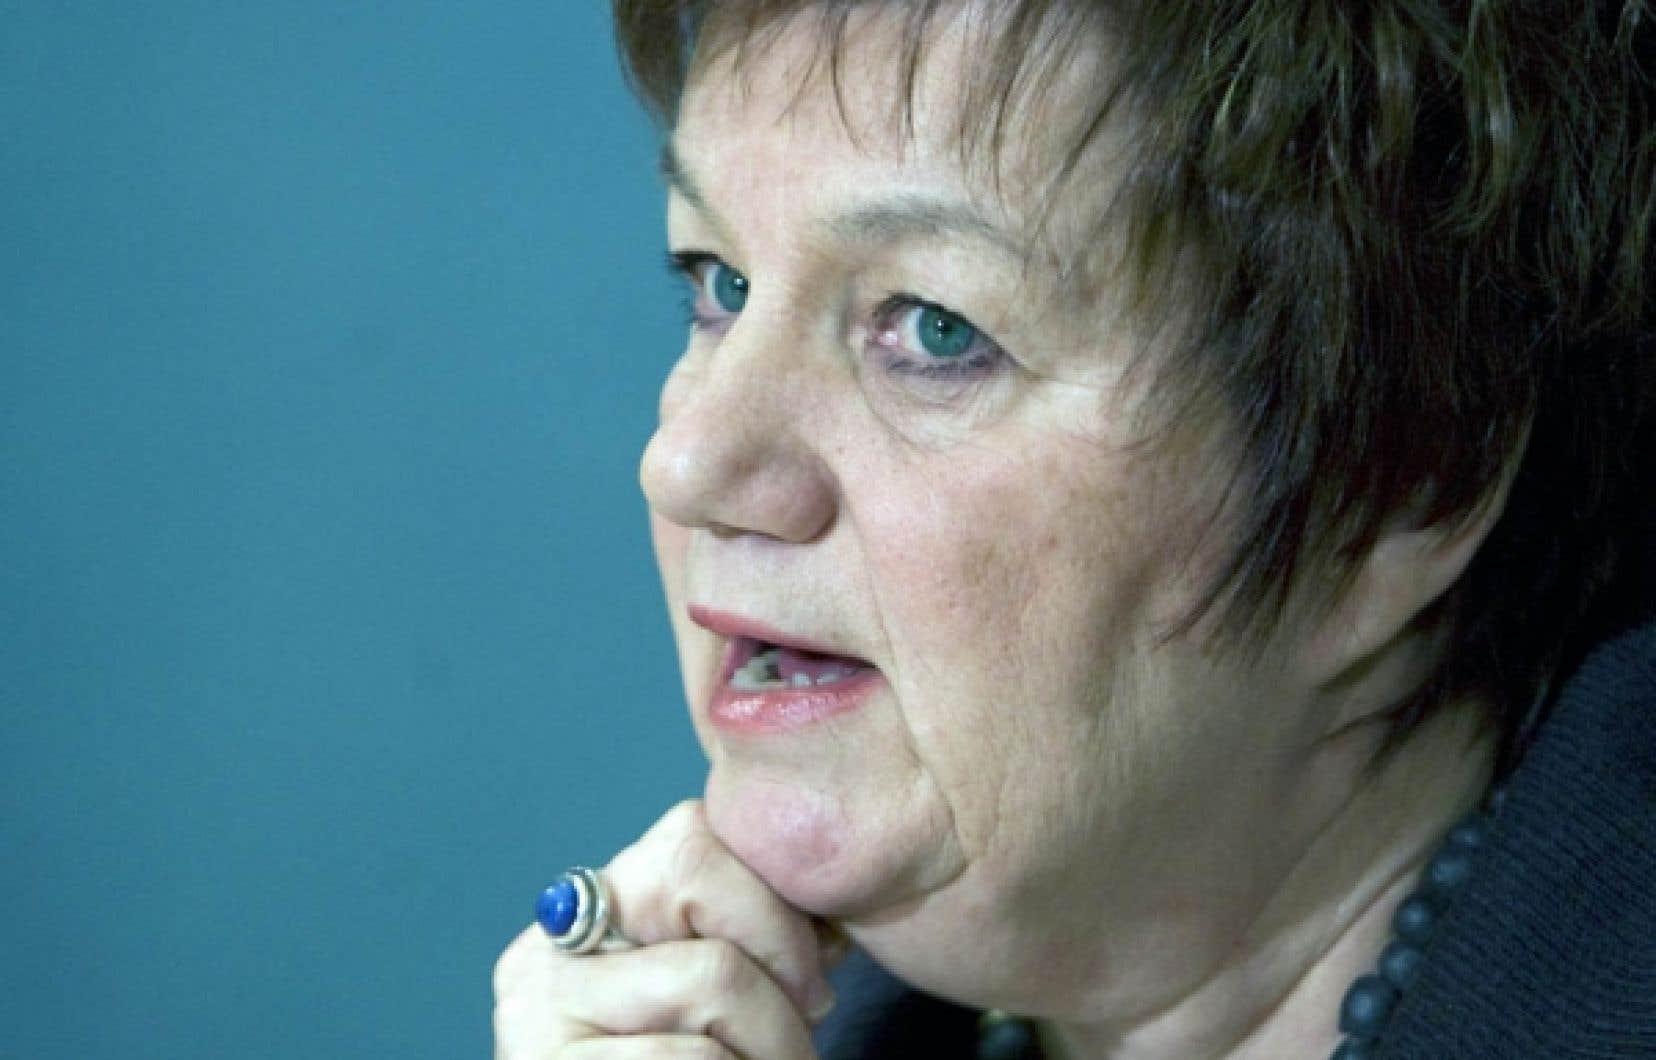 La pr&eacute;sidente de la CSN, Claudette Carbonneau. La CSN est partie prenante des efforts qui sont consentis pour rendre le travail plus d&eacute;cent &agrave; travers la plan&egrave;te. <br />